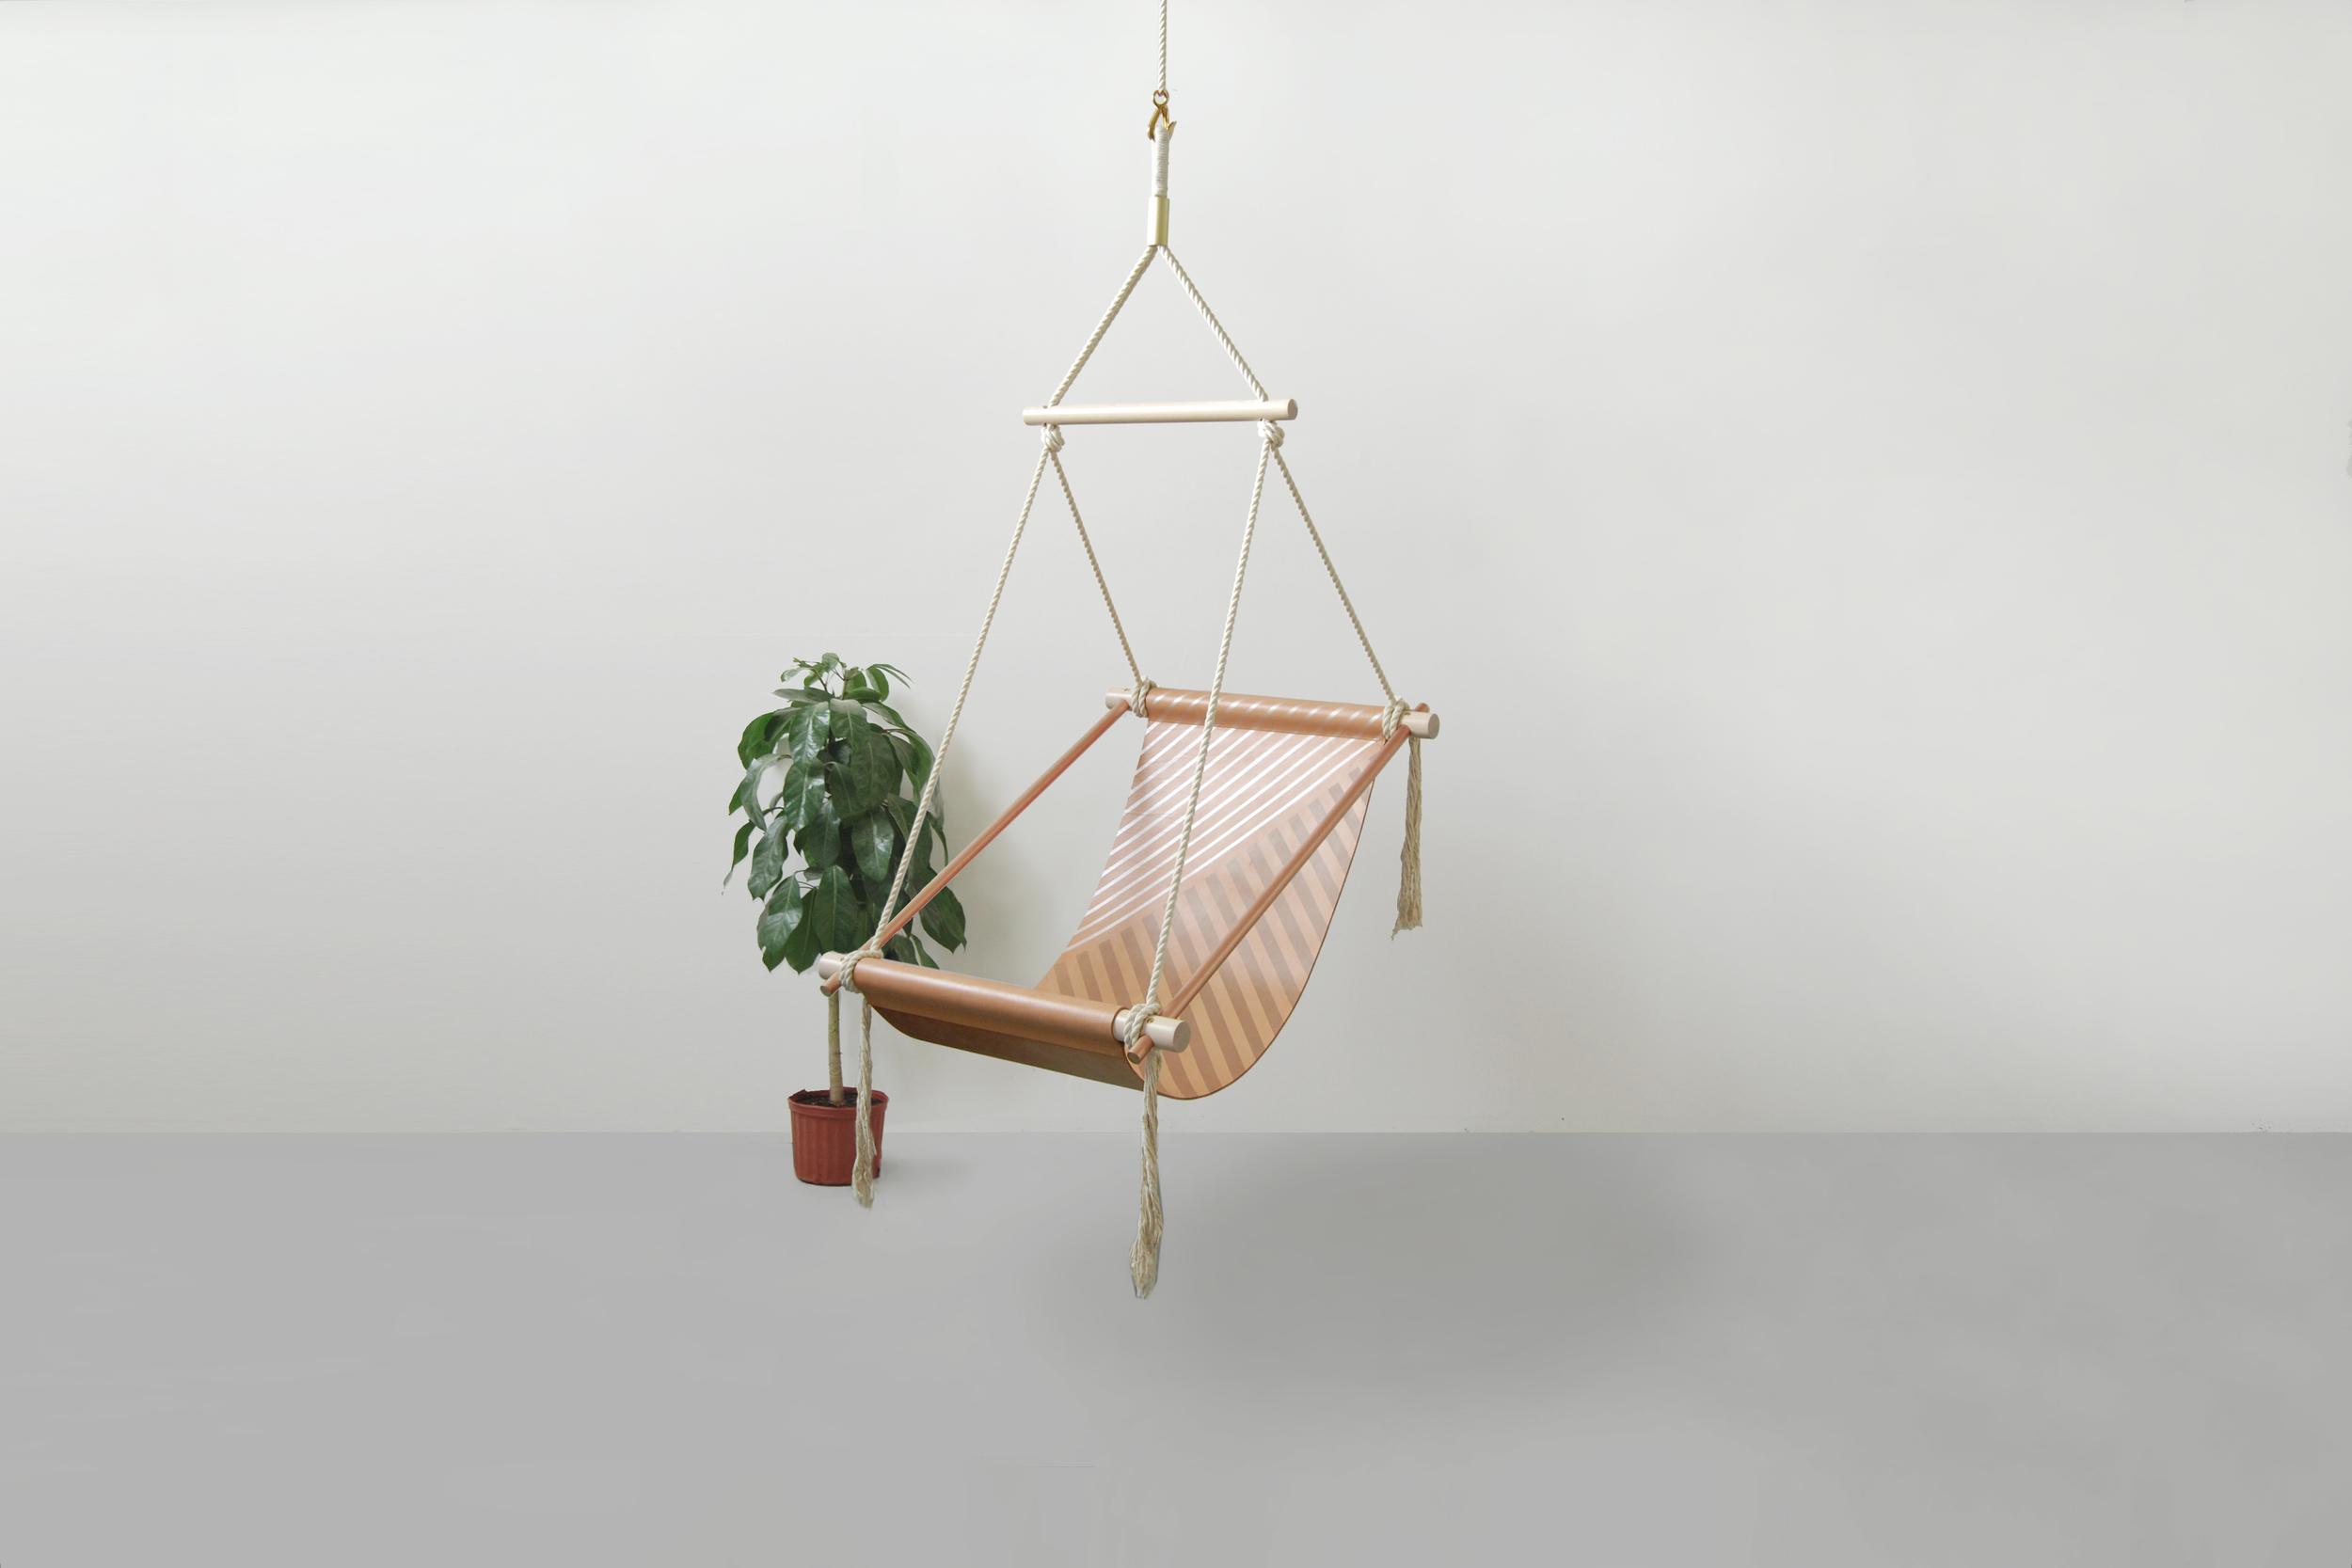 avo ovis hanging_plain bkgrnd_copper3.jpg